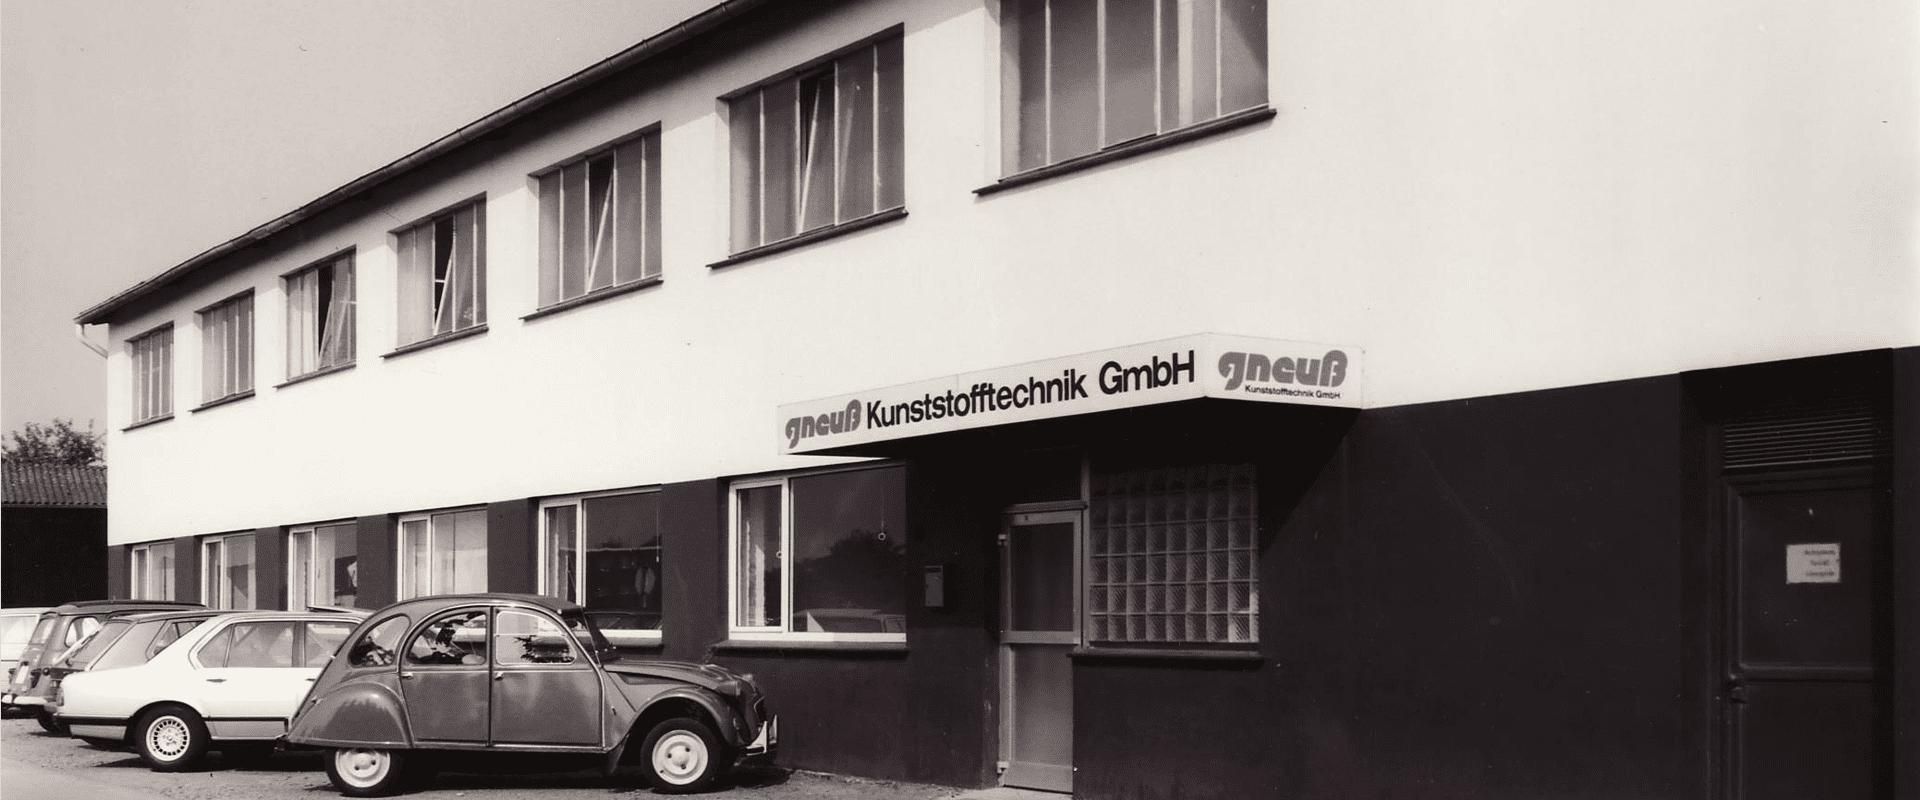 1983 foundatation